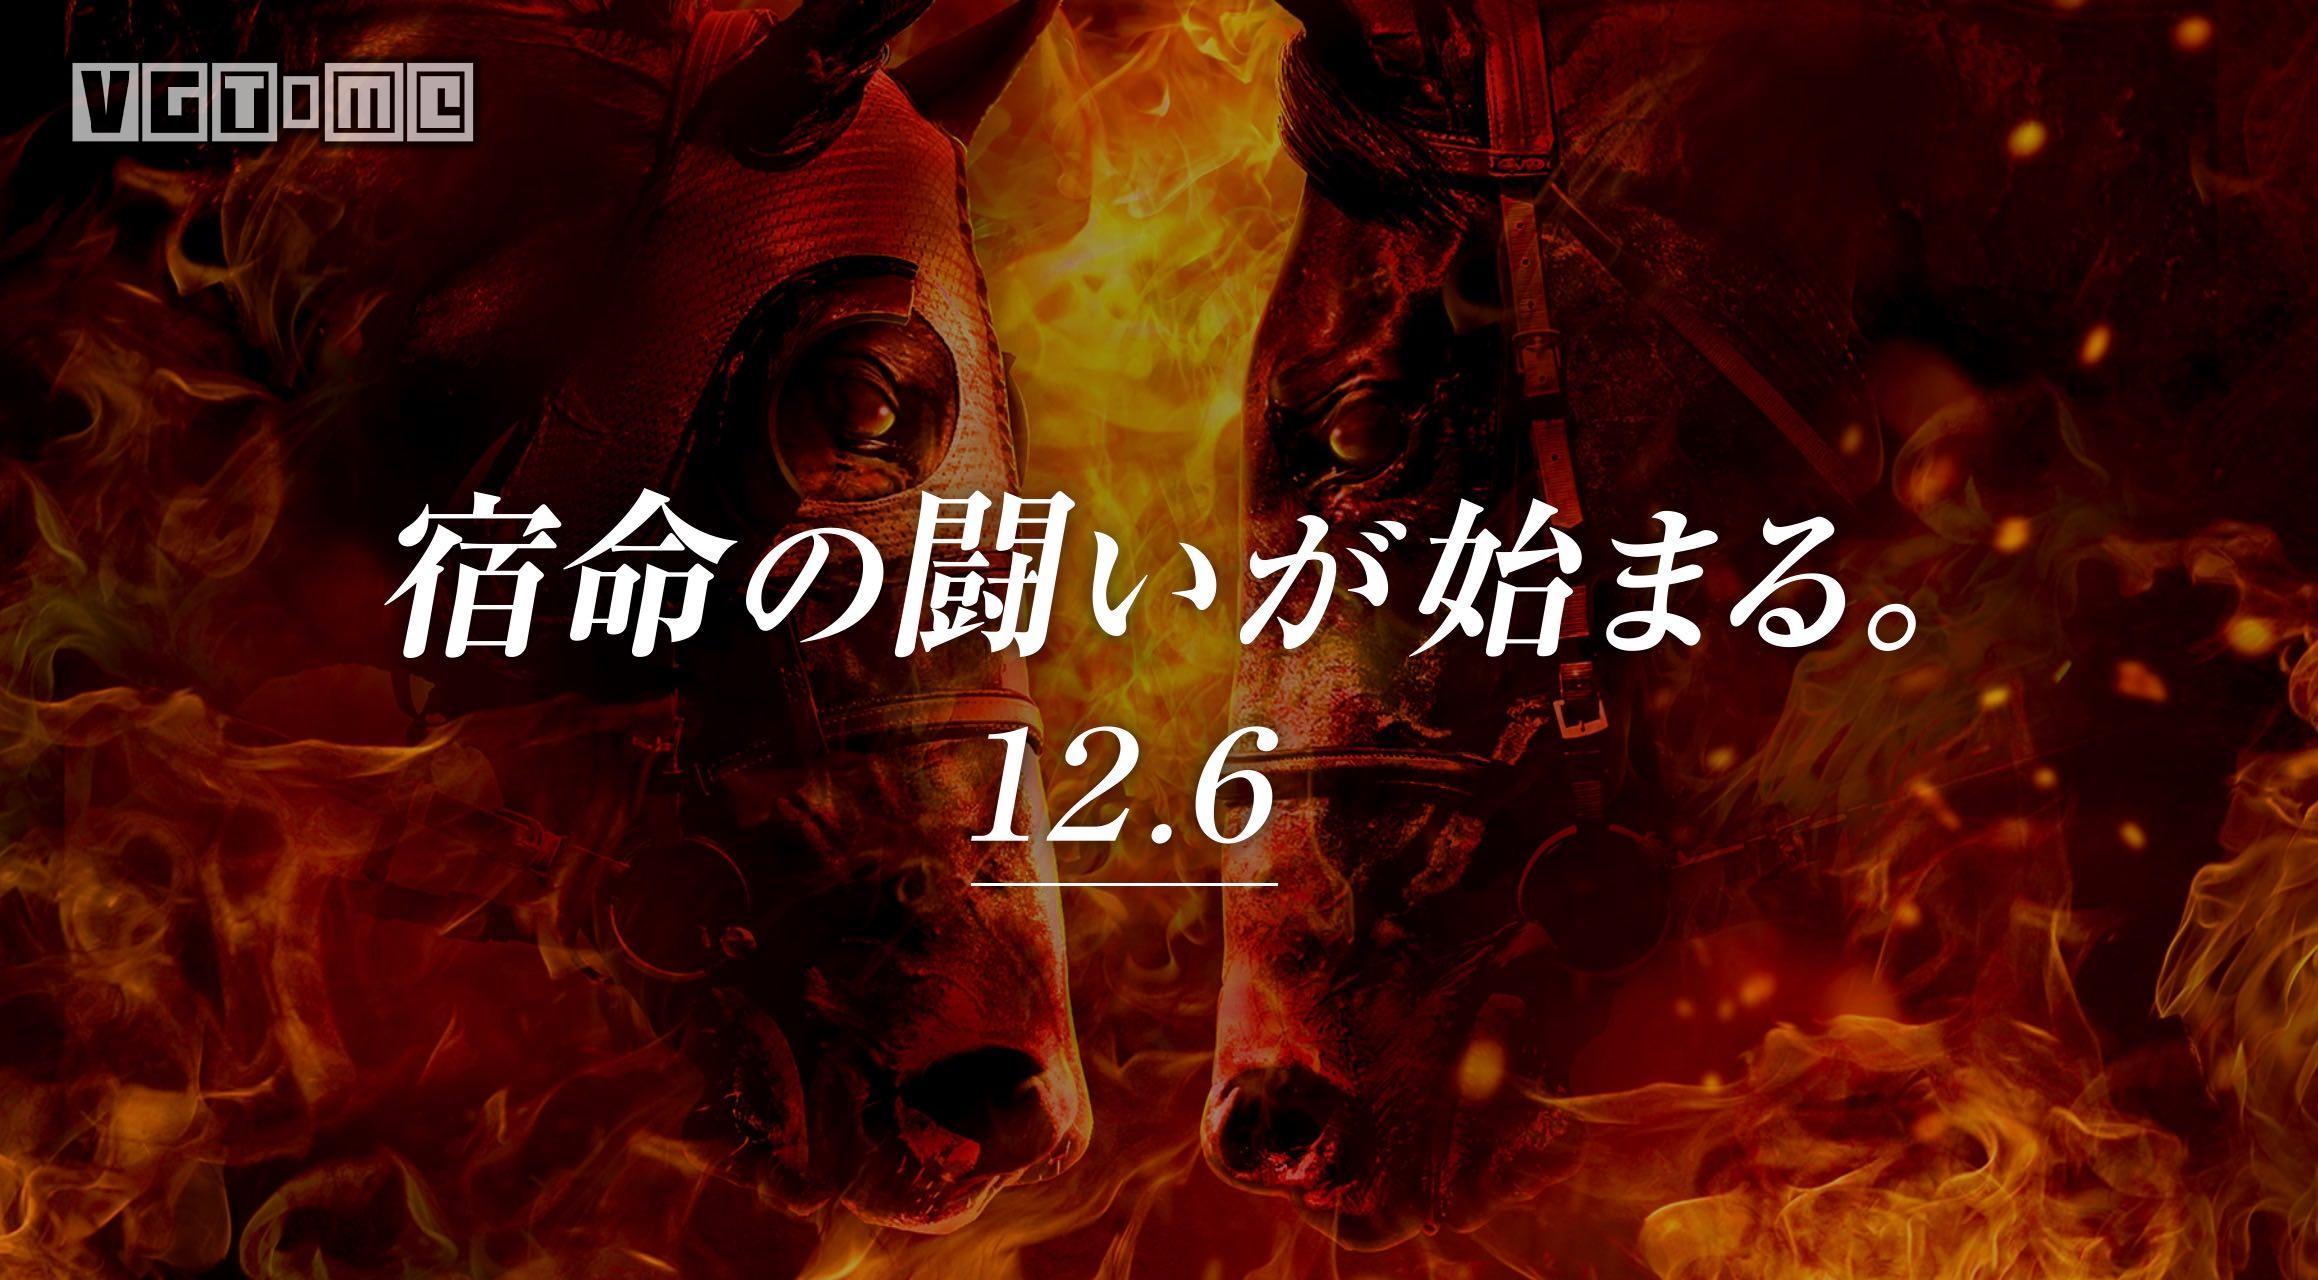 光荣神秘新作「宿命之战」确认为《赛马大亨9》